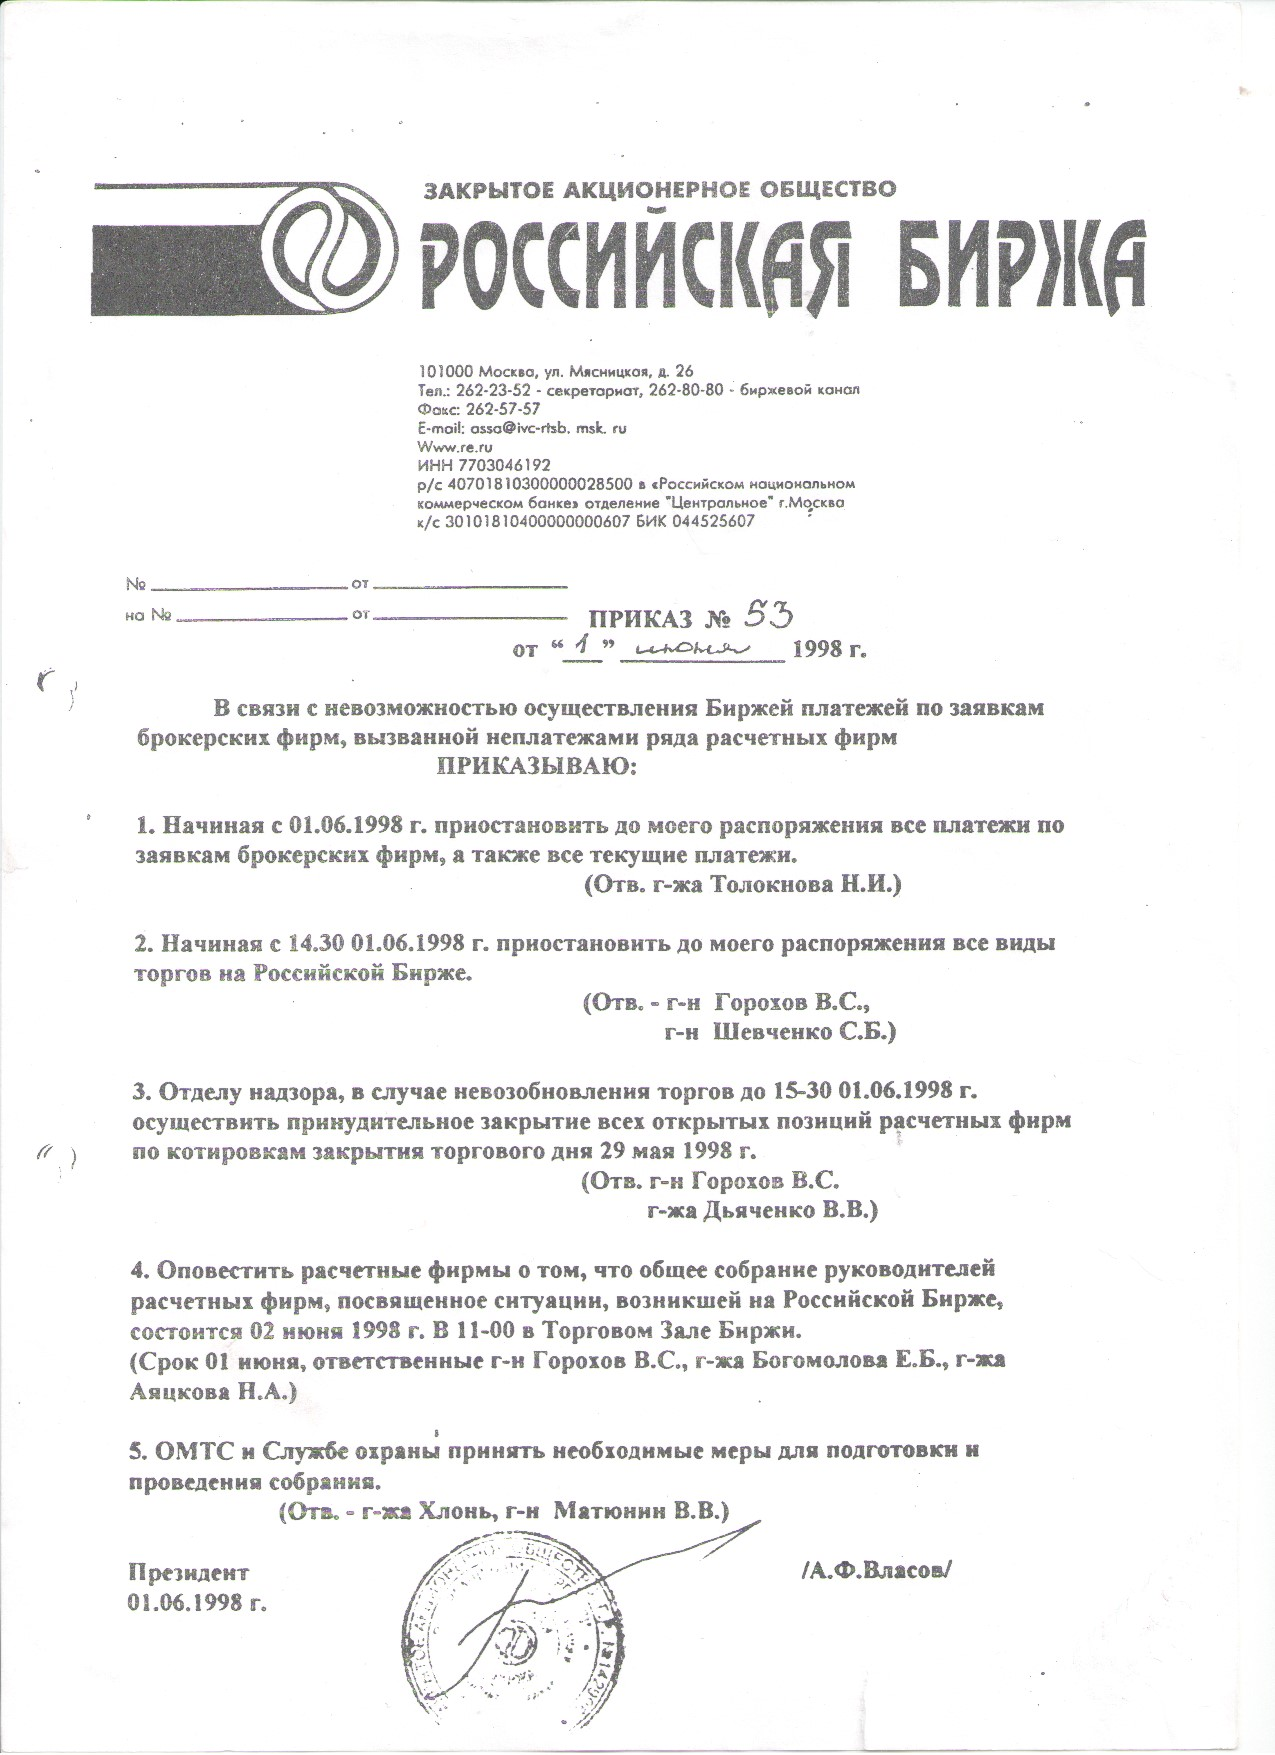 http://www.cells.ru/pics/980601_RTSB.jpg